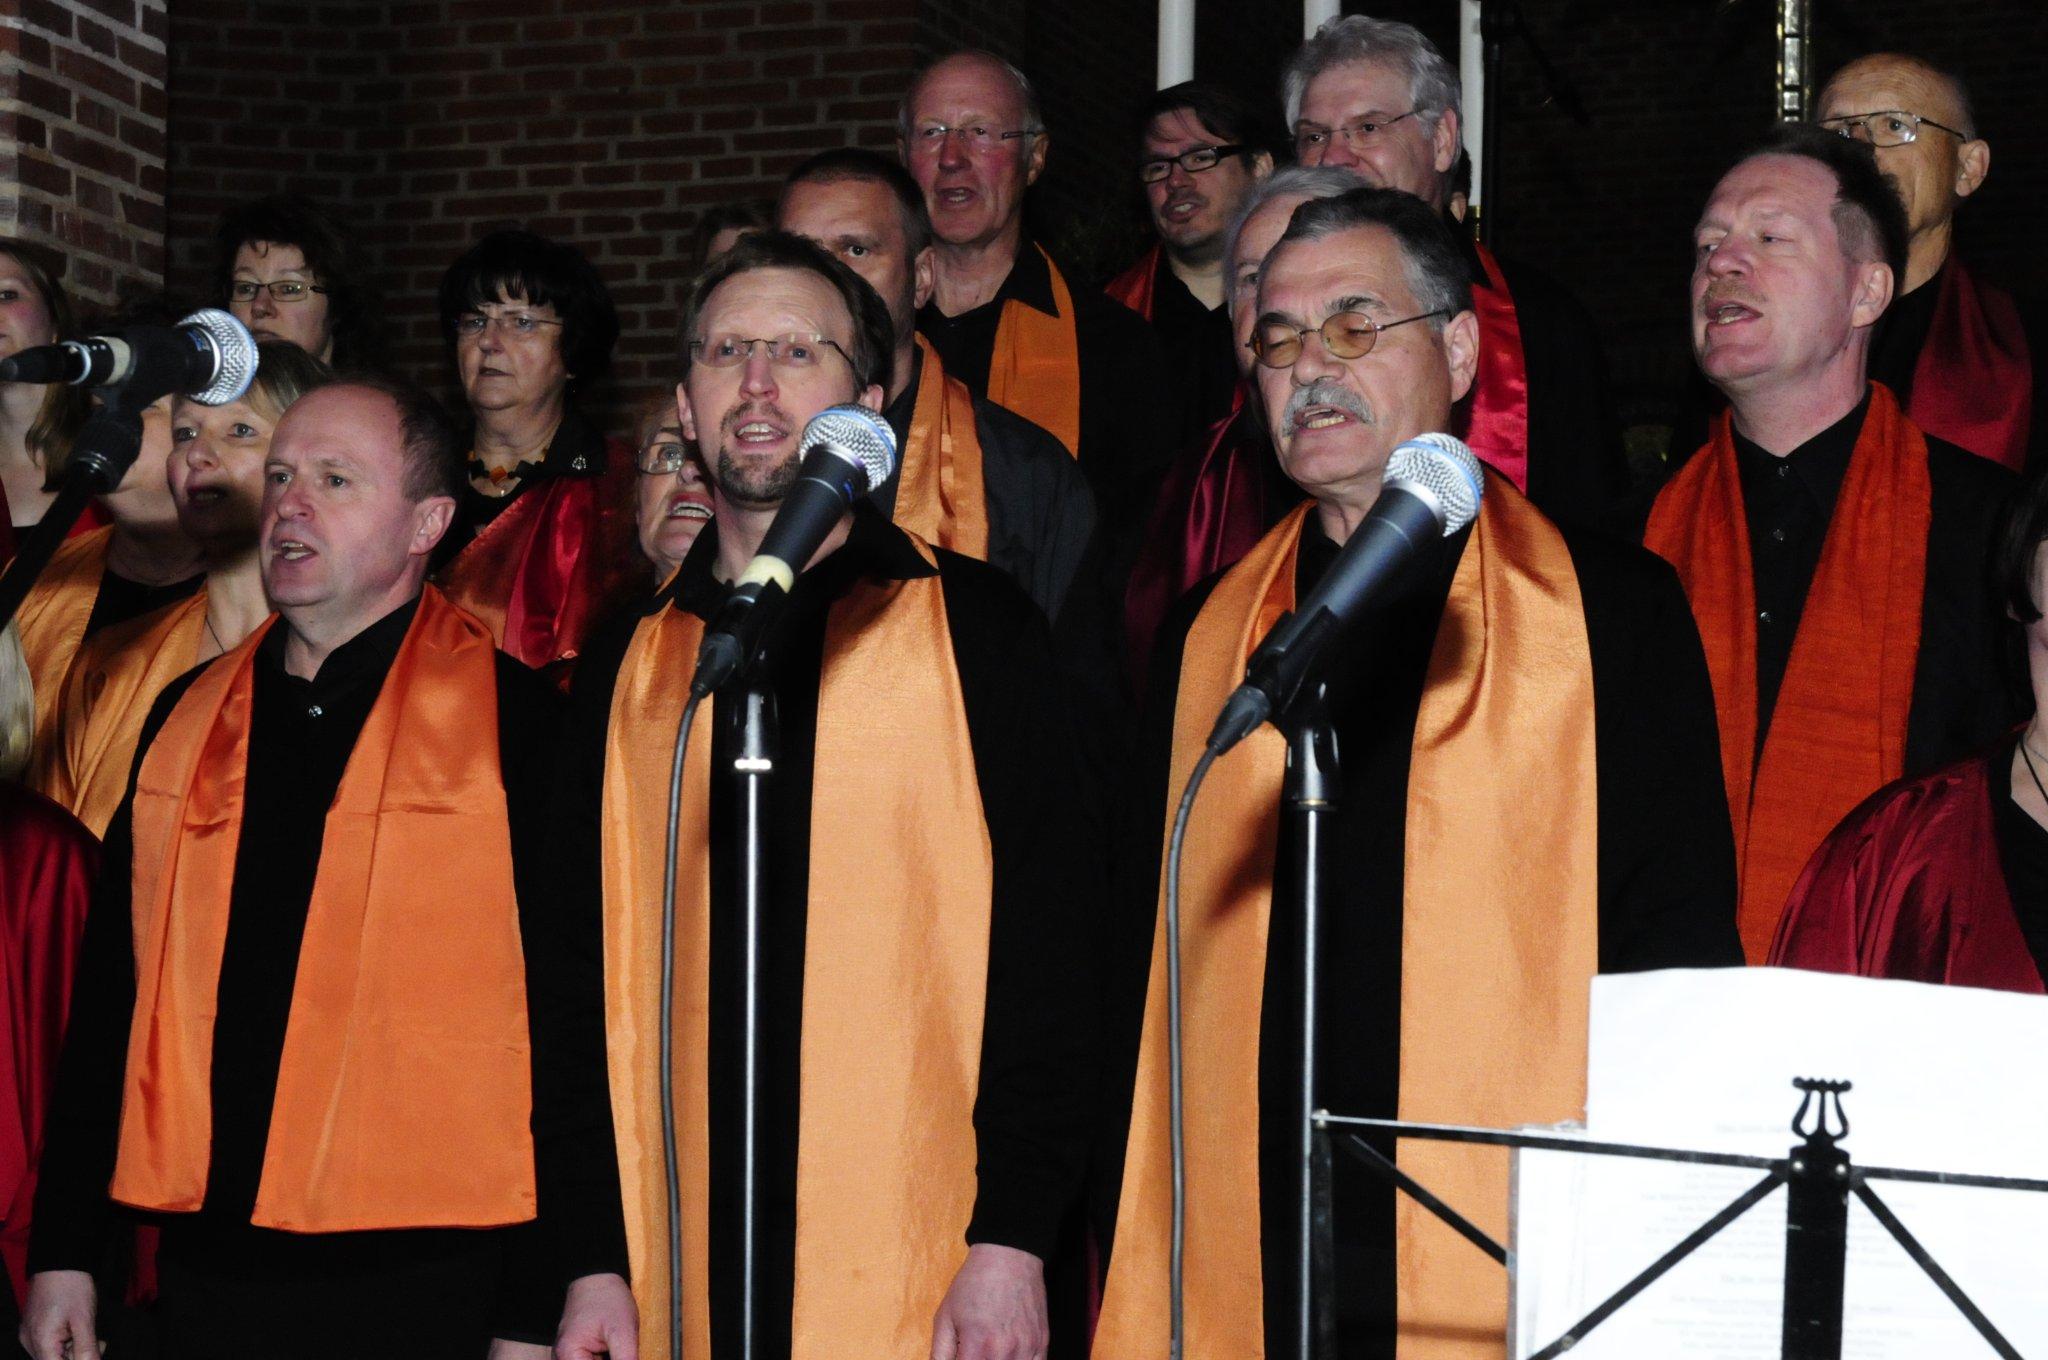 20120422 Reformations Gedaechtniskirche 033